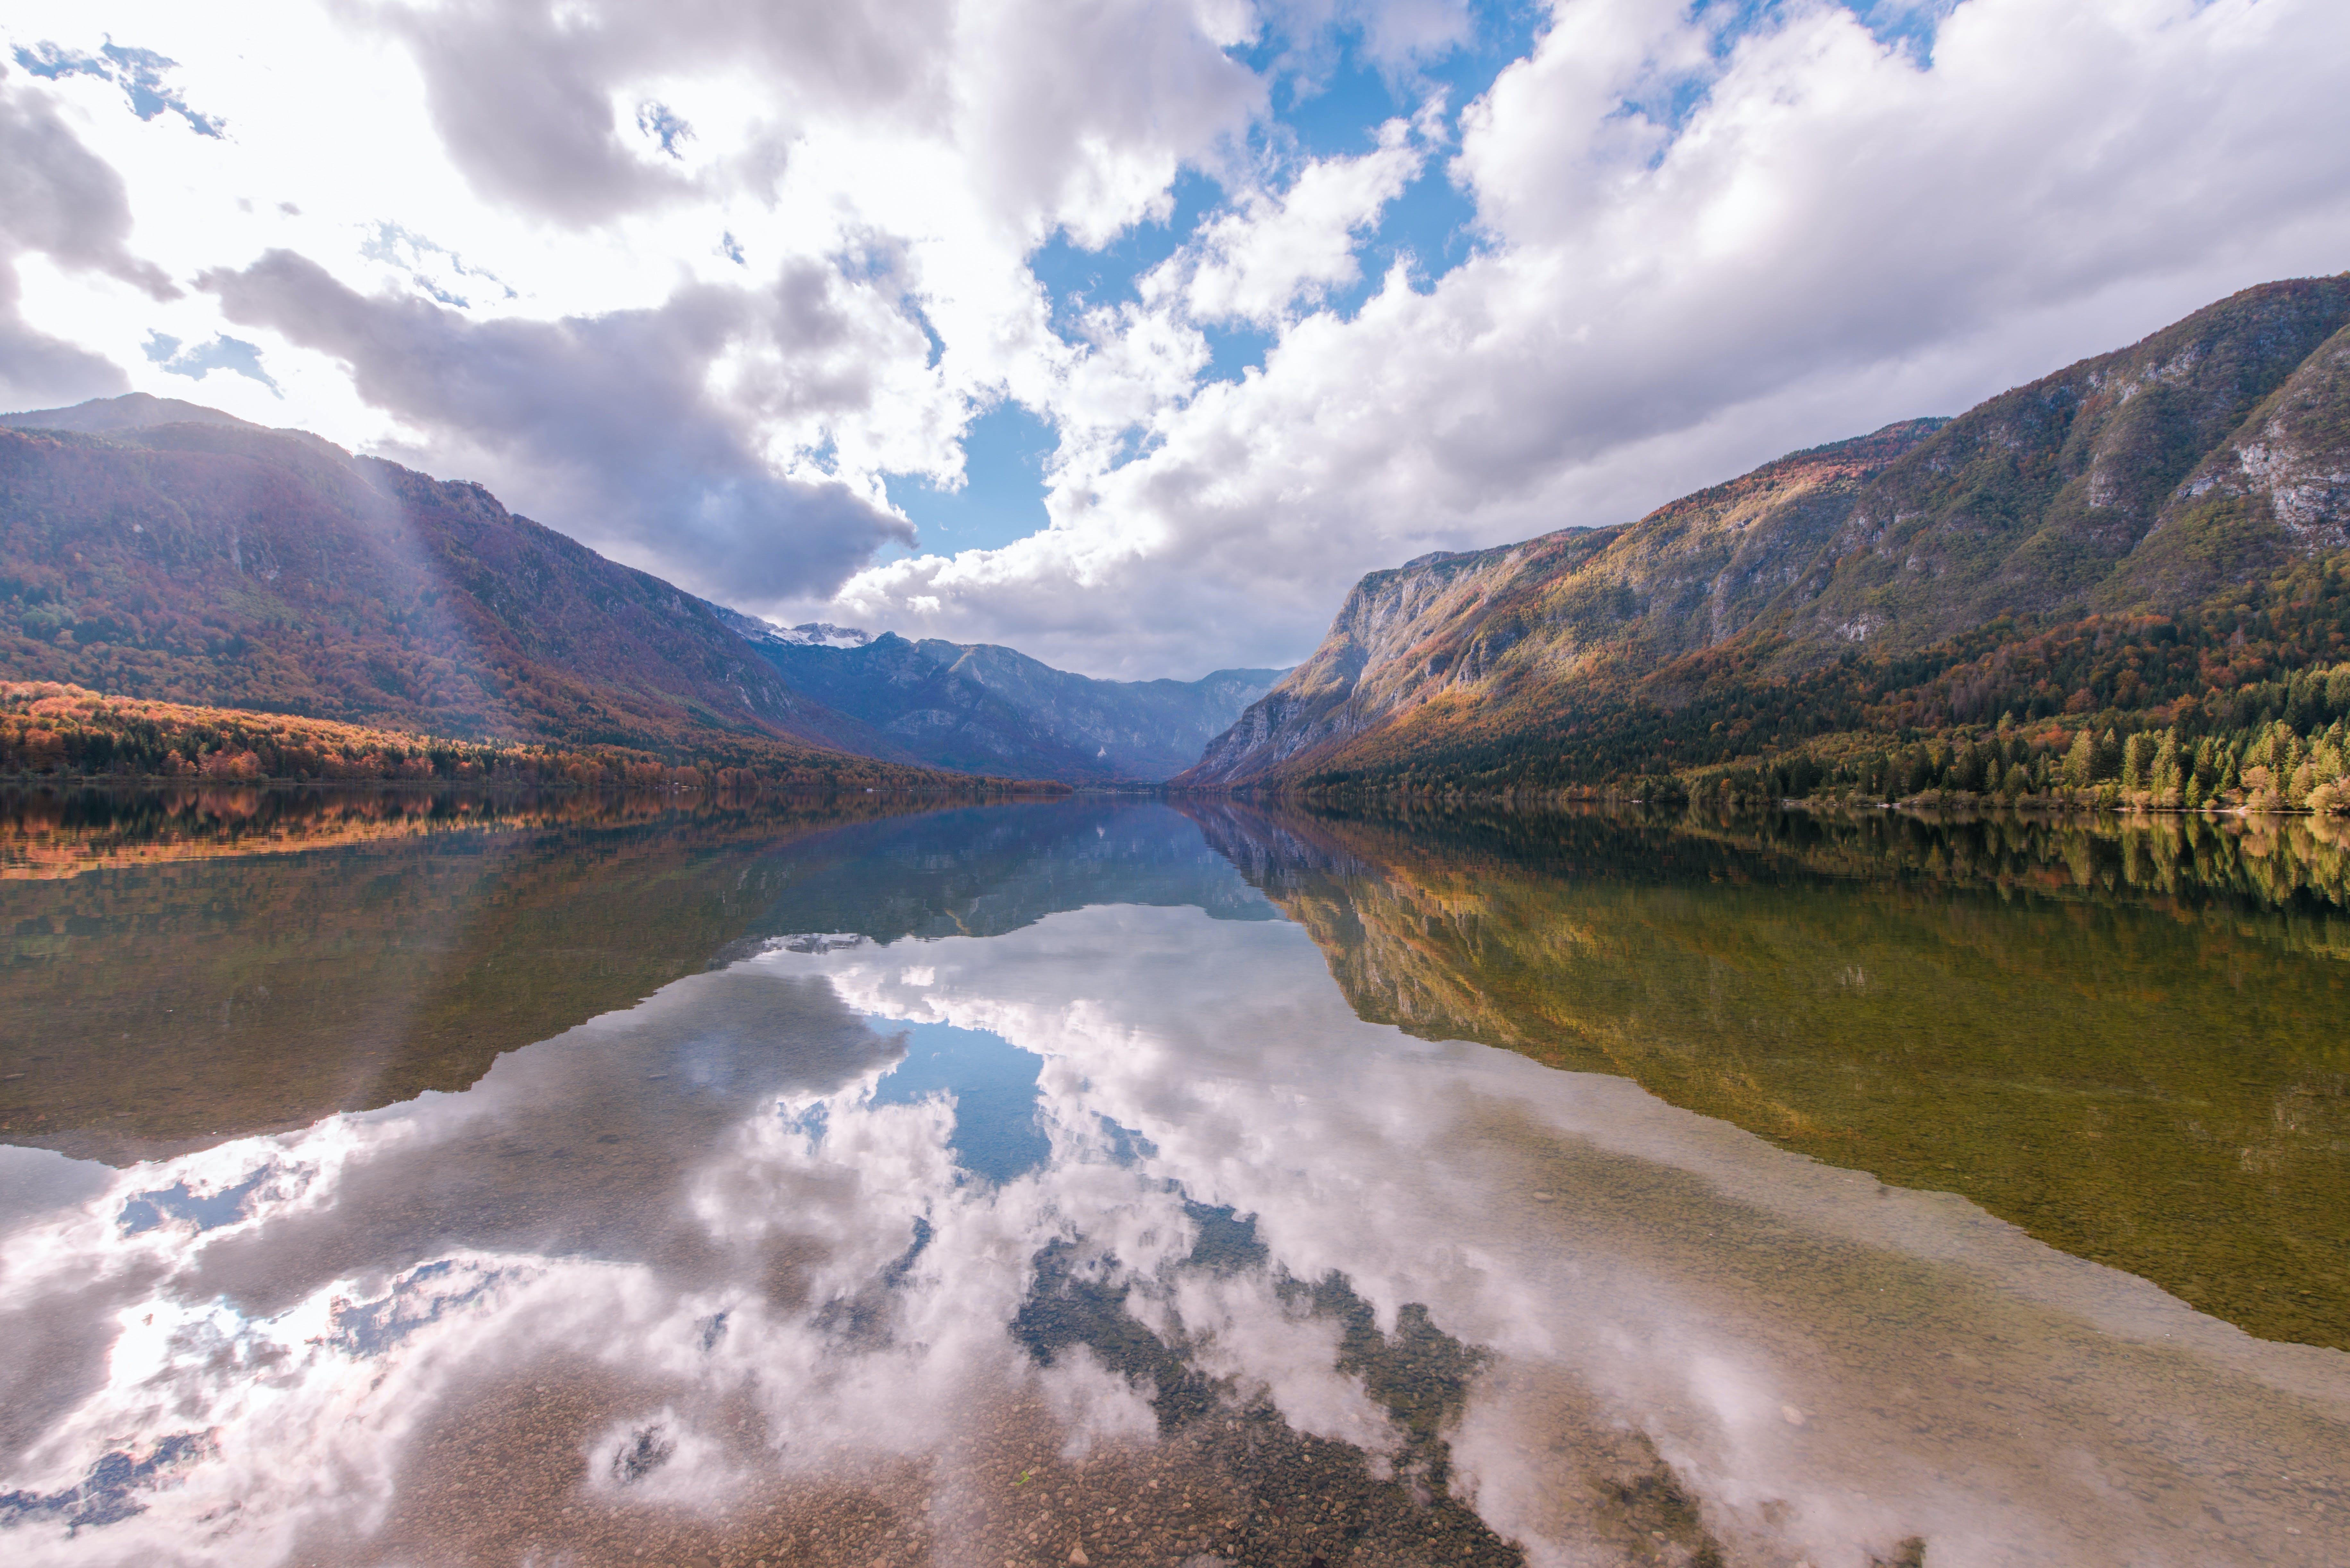 Immagine gratuita di acqua, ambiente, cielo, idilliaco